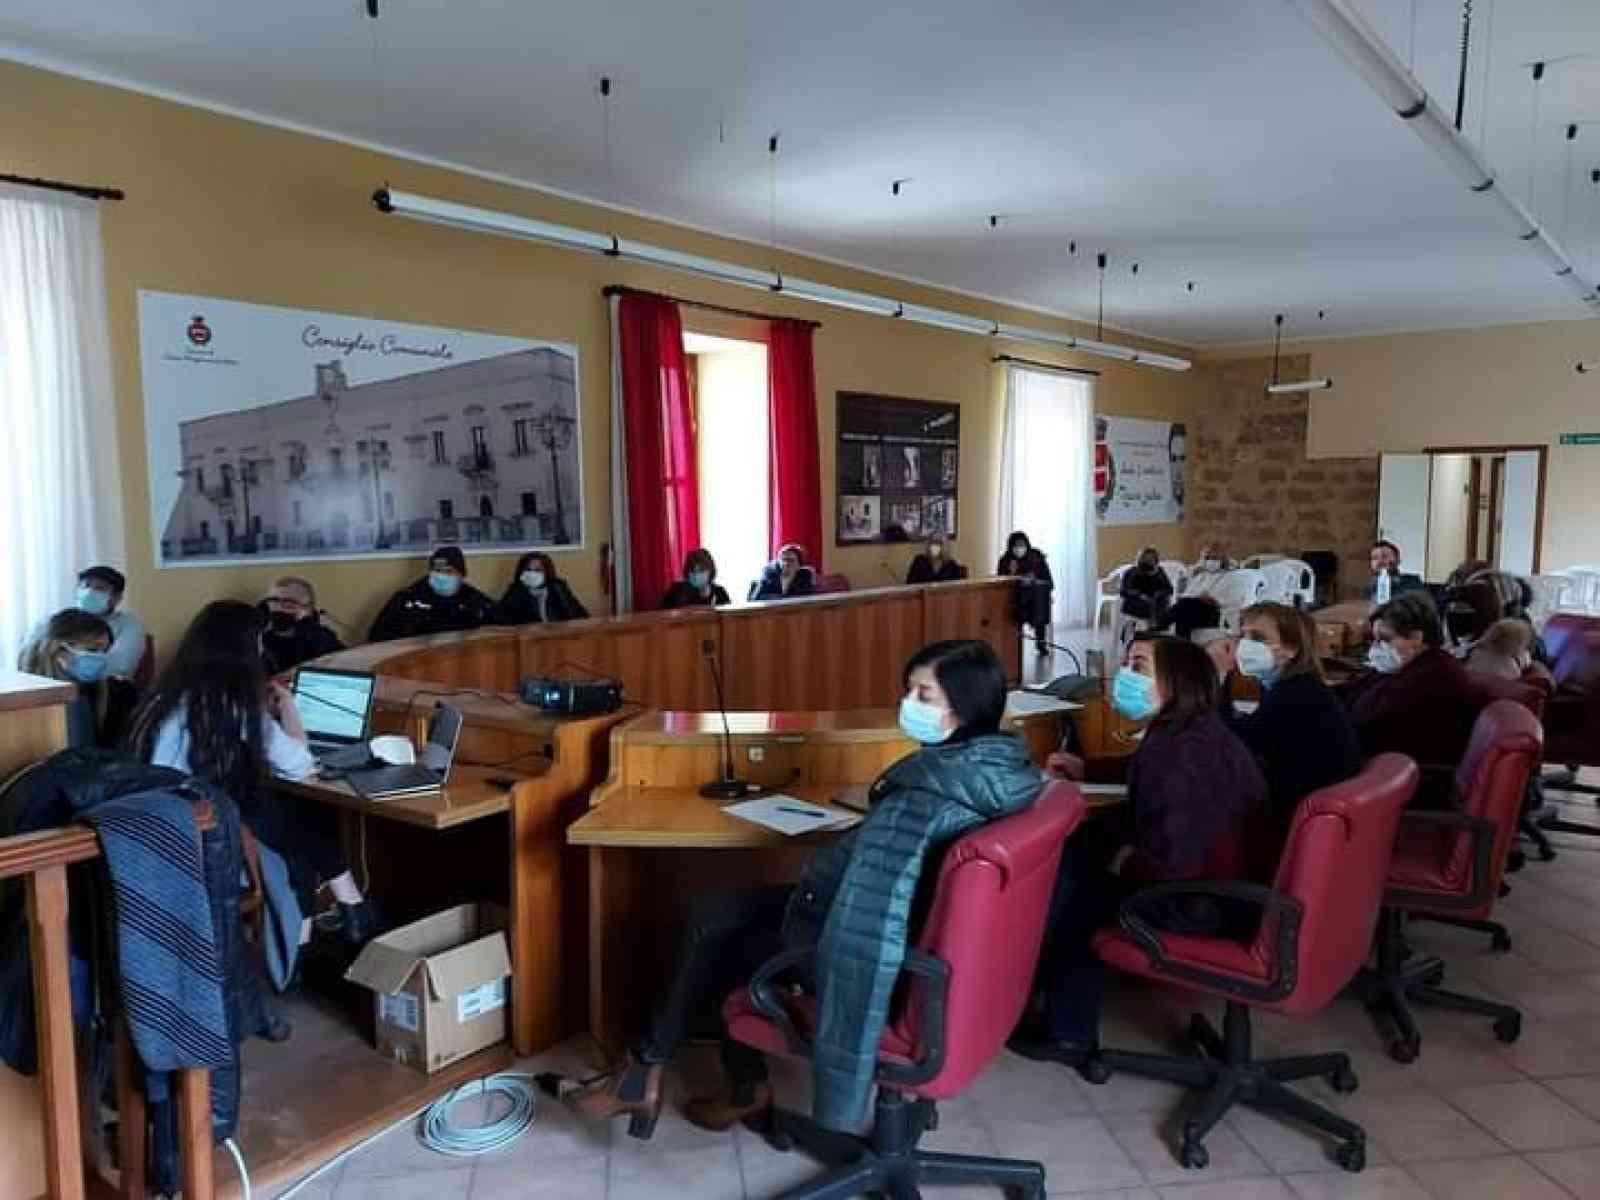 Immagine articolo: Al Comune di Santa Margherita di Belìce inizia la transizione verso una modalità operativa digitale